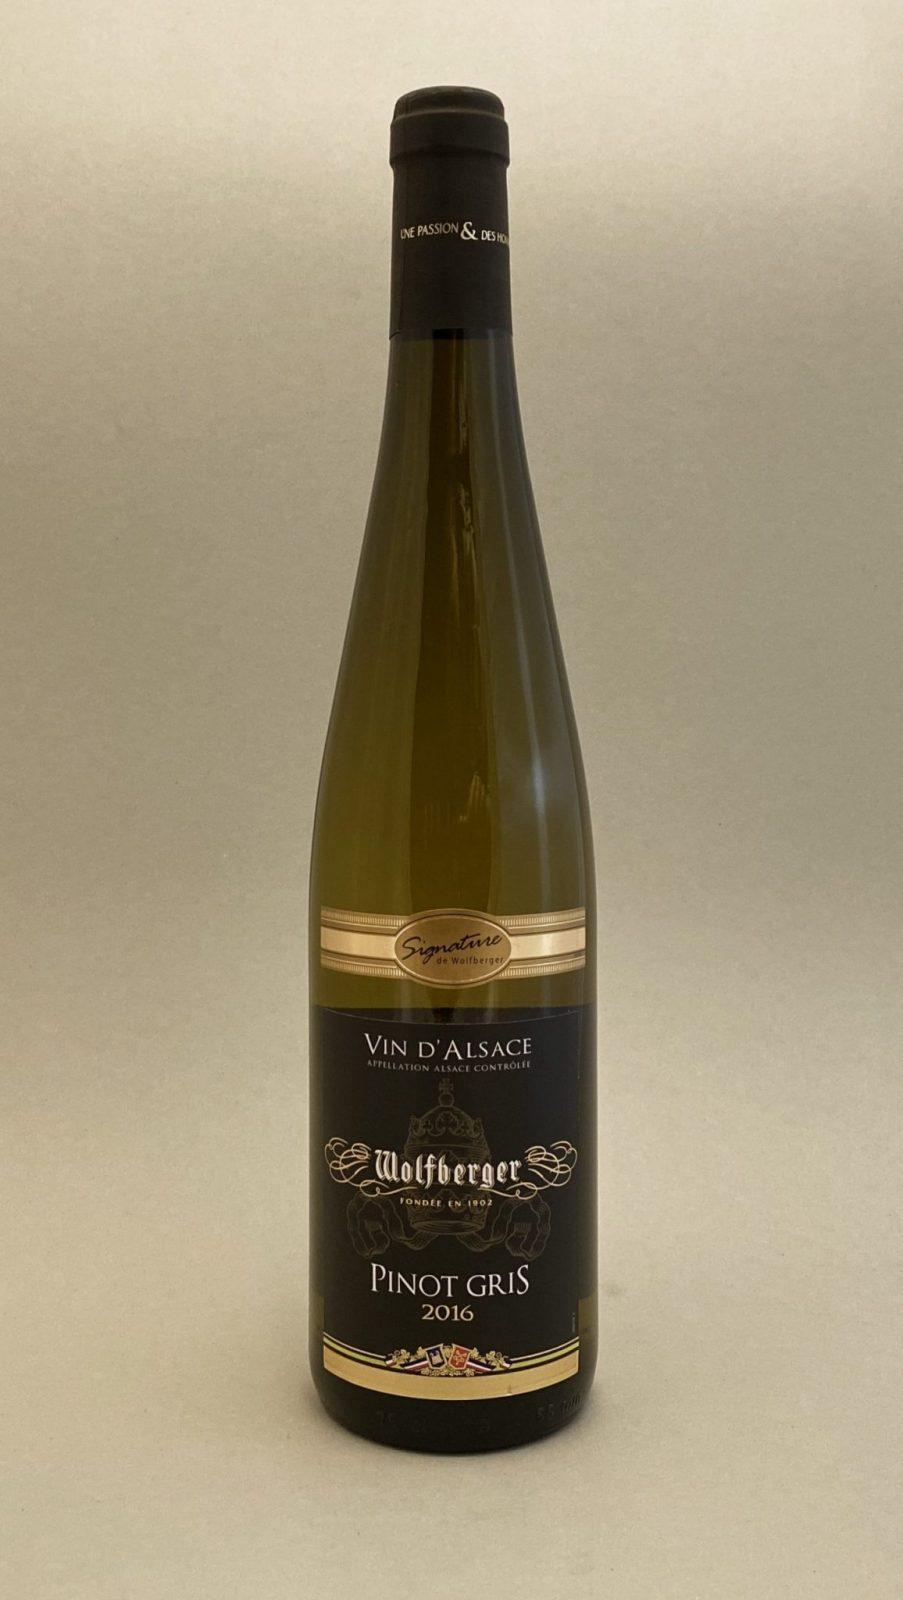 WOLFBERGER Vin D'Alsace Pinot Gris 2016, vinoteka Bratislava slnecnice mesto, petrzalka, vino biele z Francúzska